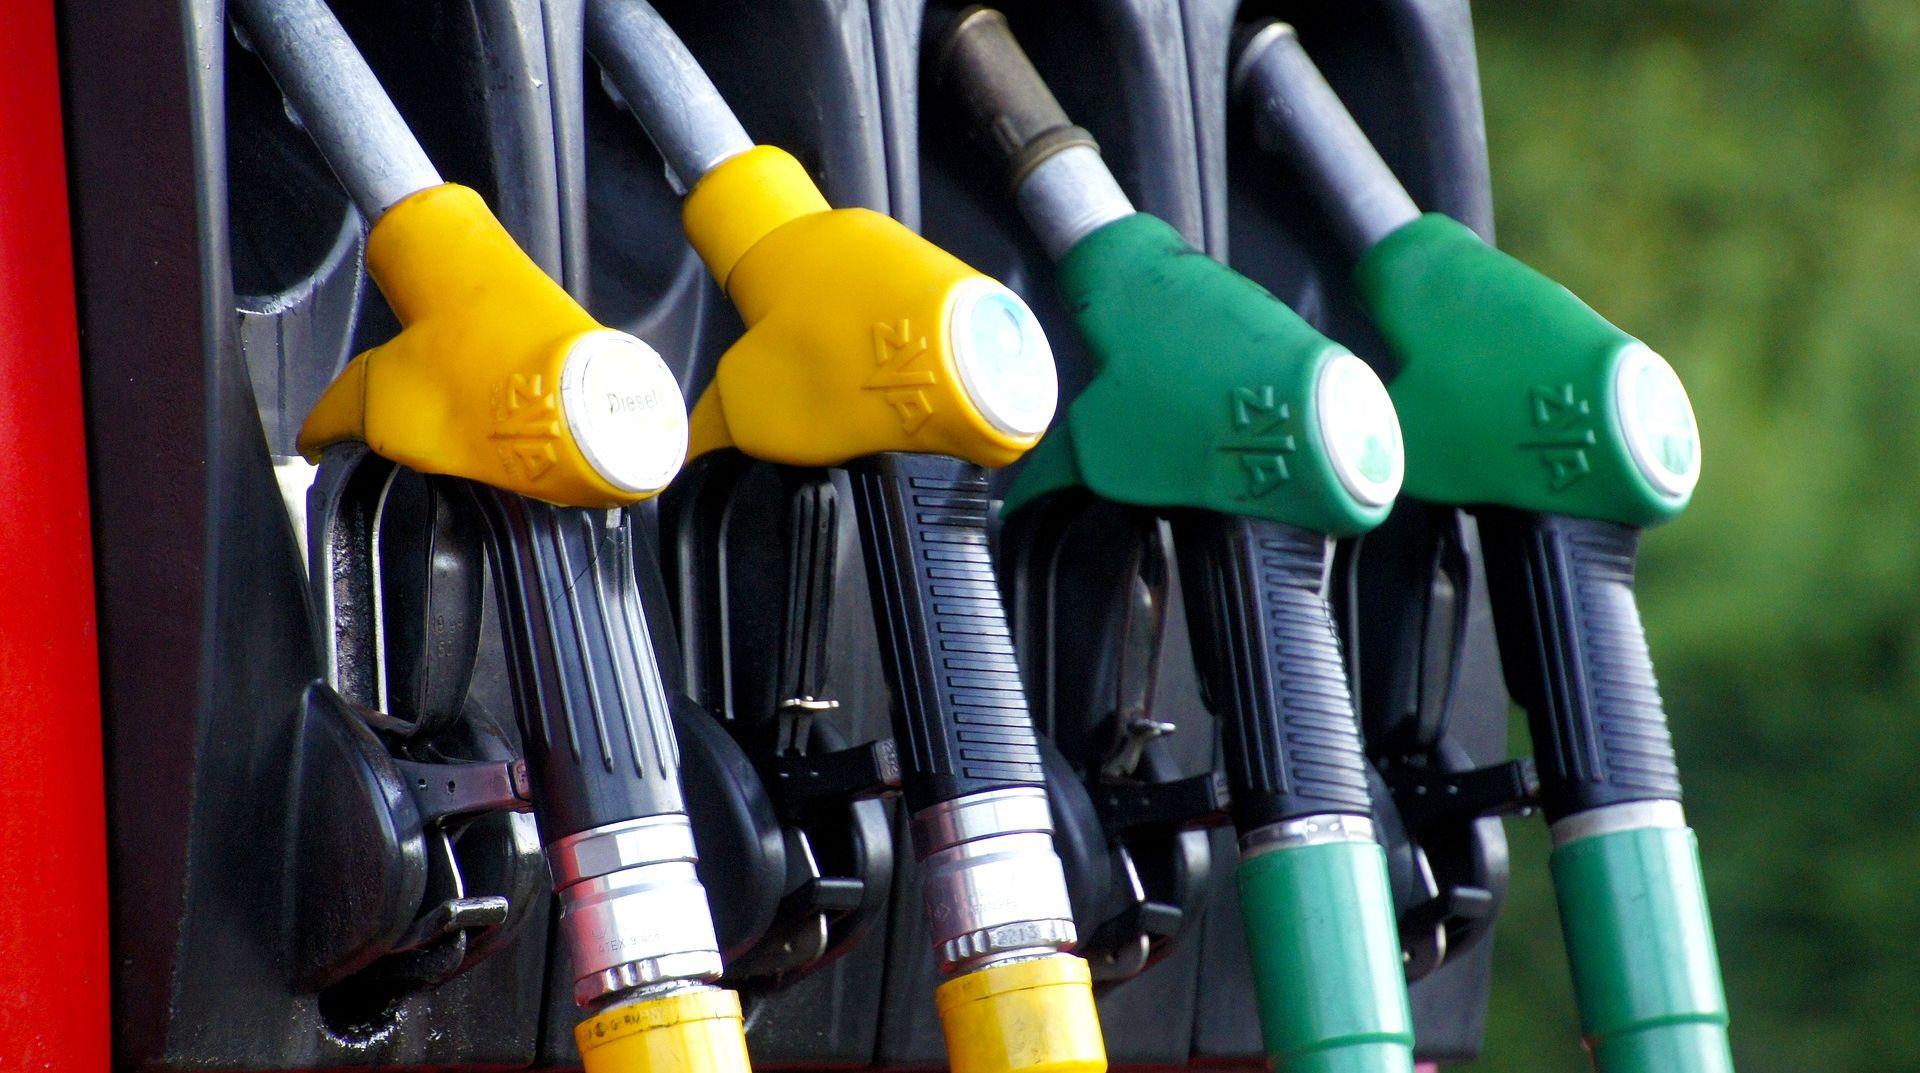 PRVI PUT U DESET GODINA Litra benzina jeftinija od litre dizela